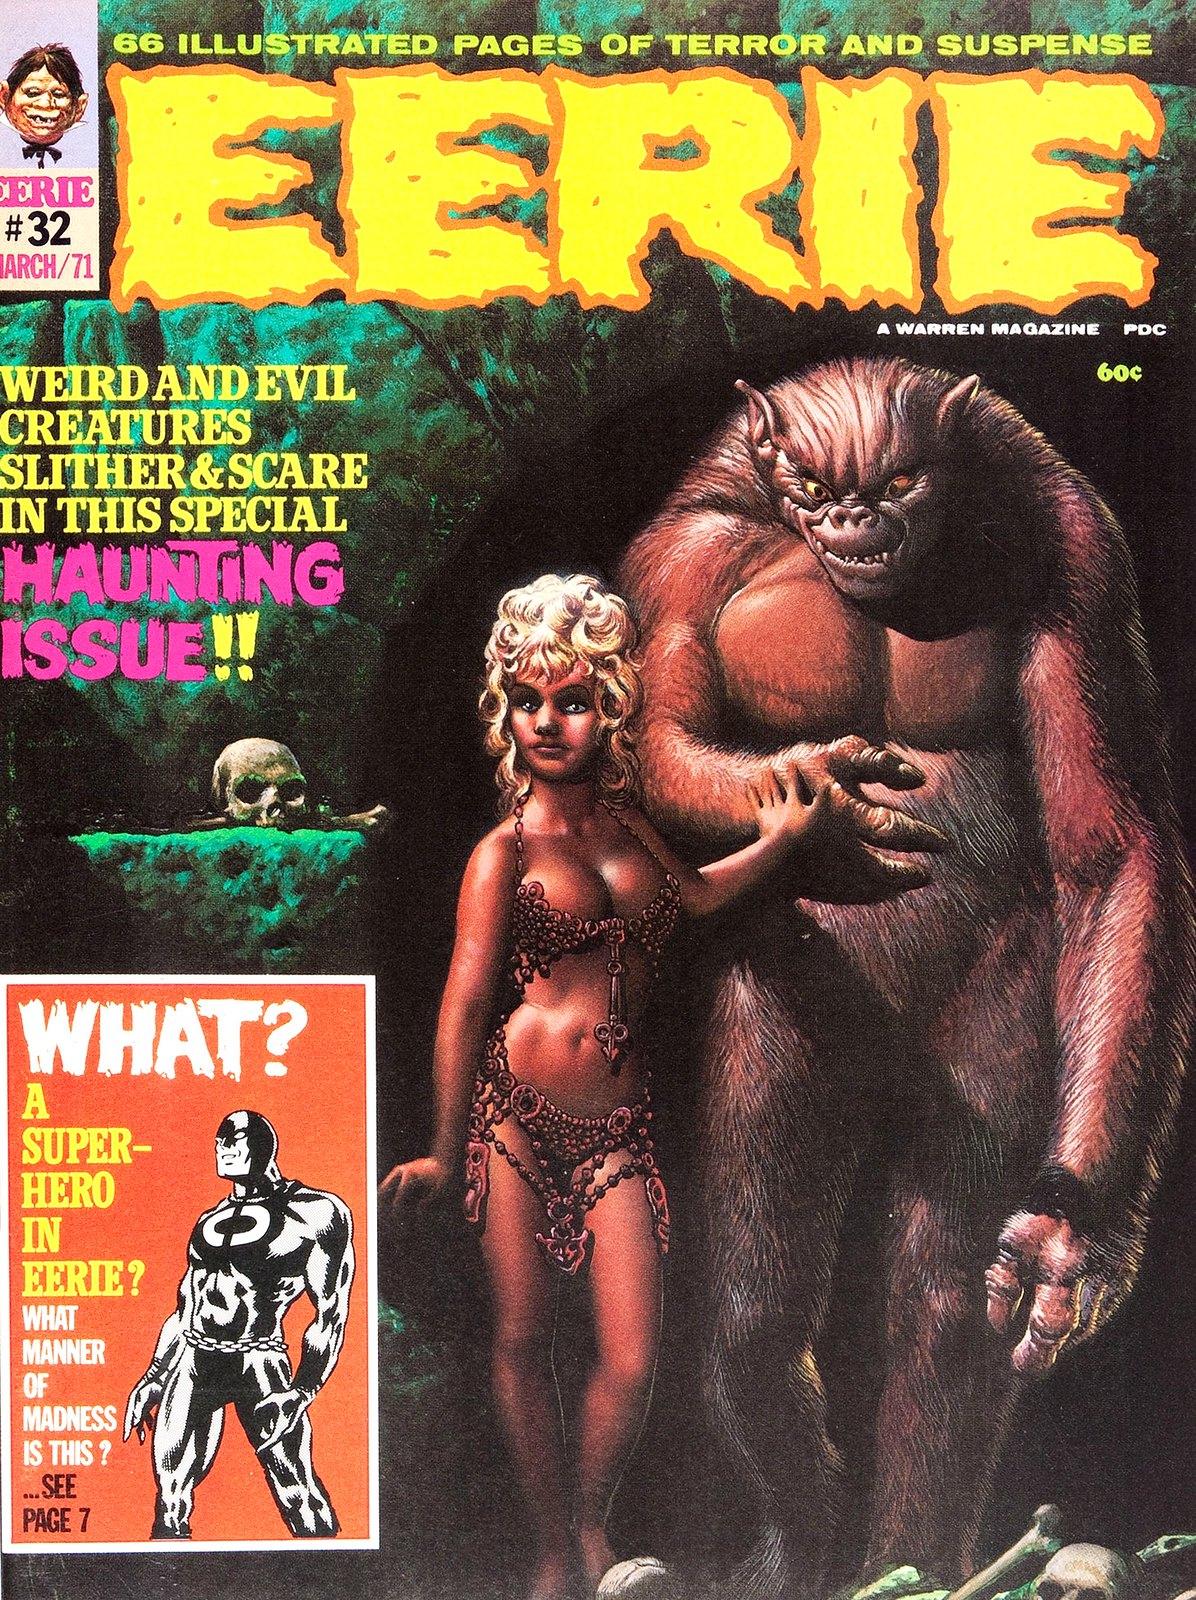 Richard Corben - Eerie #32 Cover, March 1971